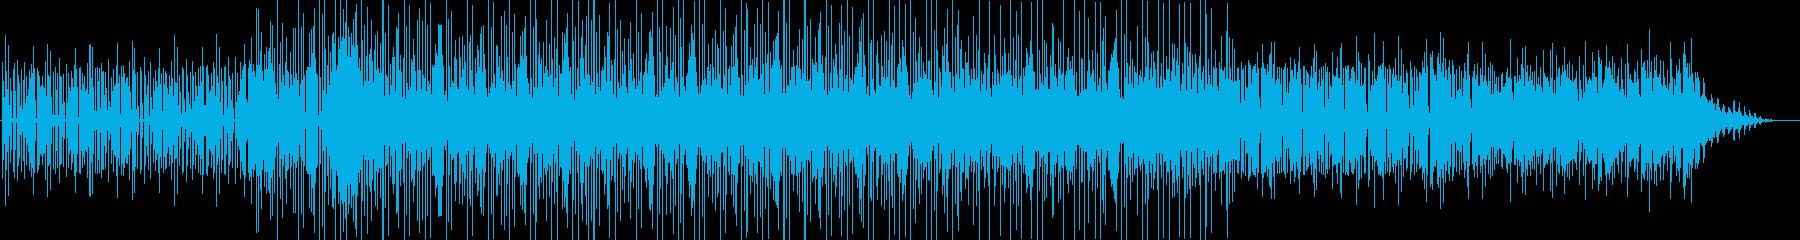 スべーシーで陽気なミニマルテクノの再生済みの波形